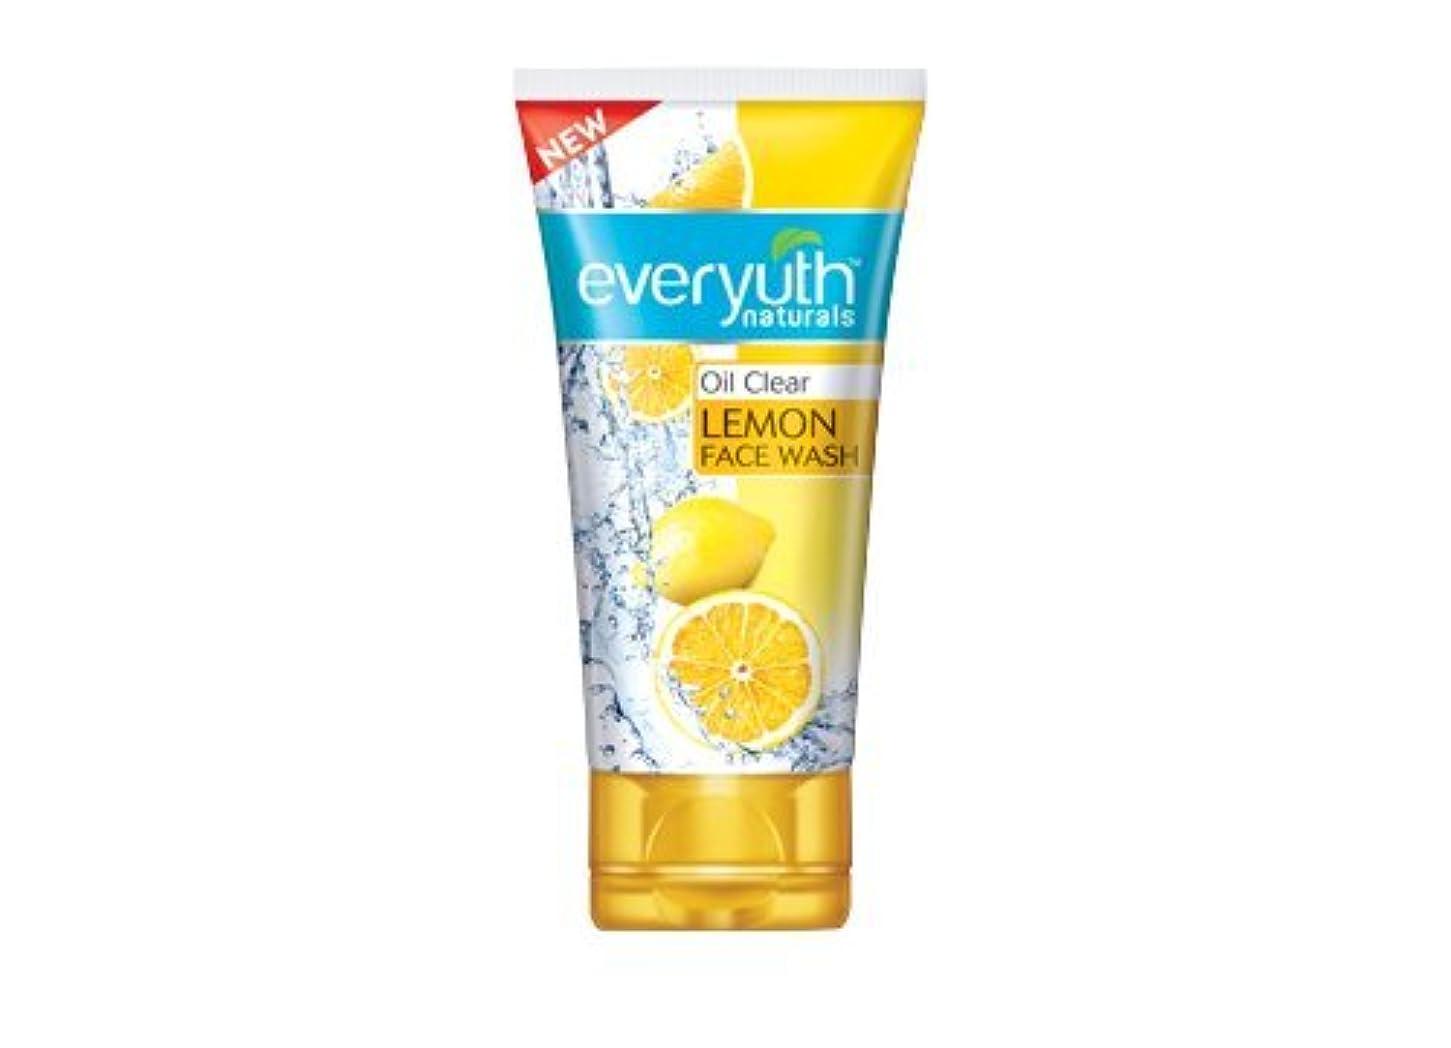 むき出しアレンジ調和のとれたEveryuth Naturals Oil Clear Lemon Face Wash 50Gm (1 Pack)